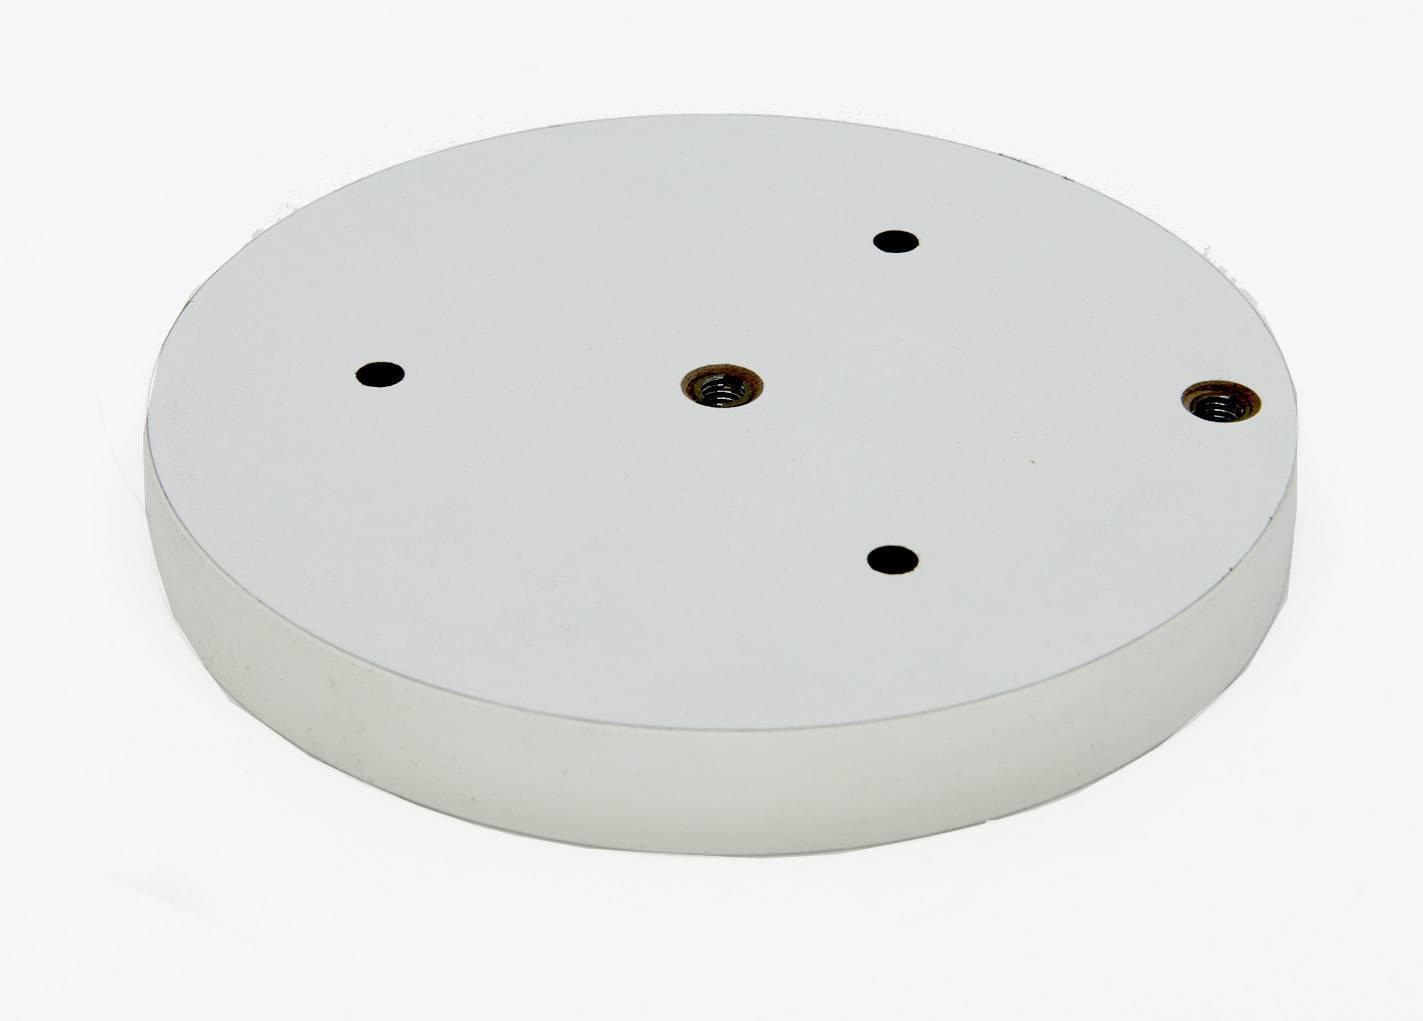 MDF base to be used on aluminium bases - BMDF-1